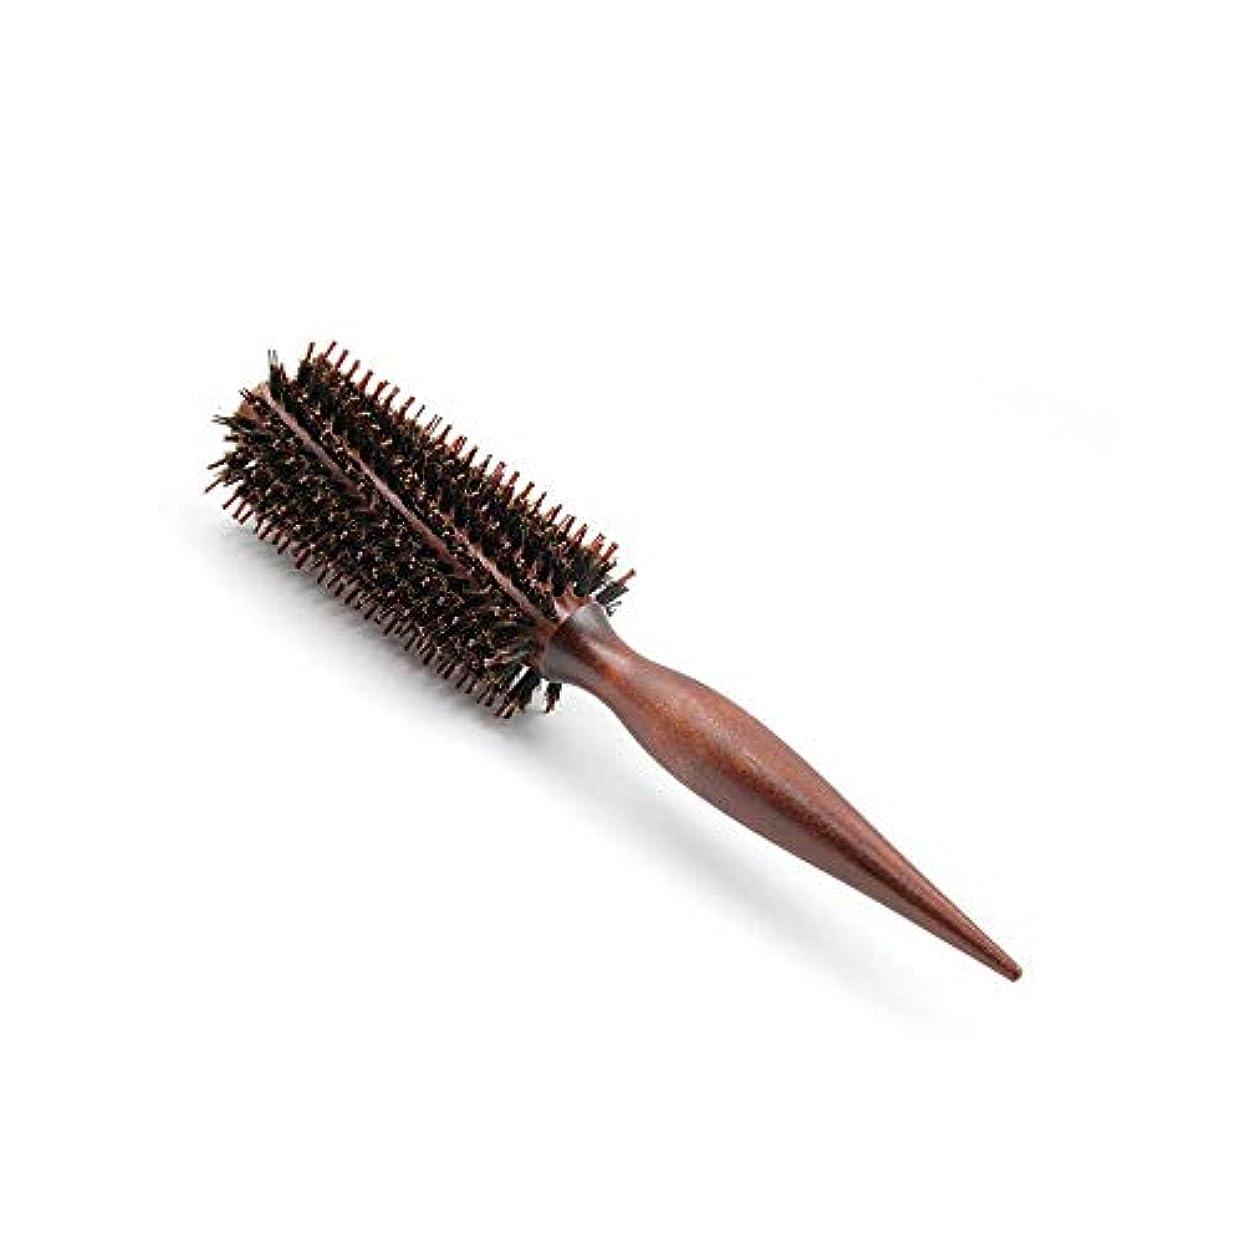 タイル予約ローズFashian髪の毛ラウンドブラシはサロンのヘアデザインのためのドライ木製ローリングくしフェラ ヘアケア (Design : Twill, サイズ : 12 rows)